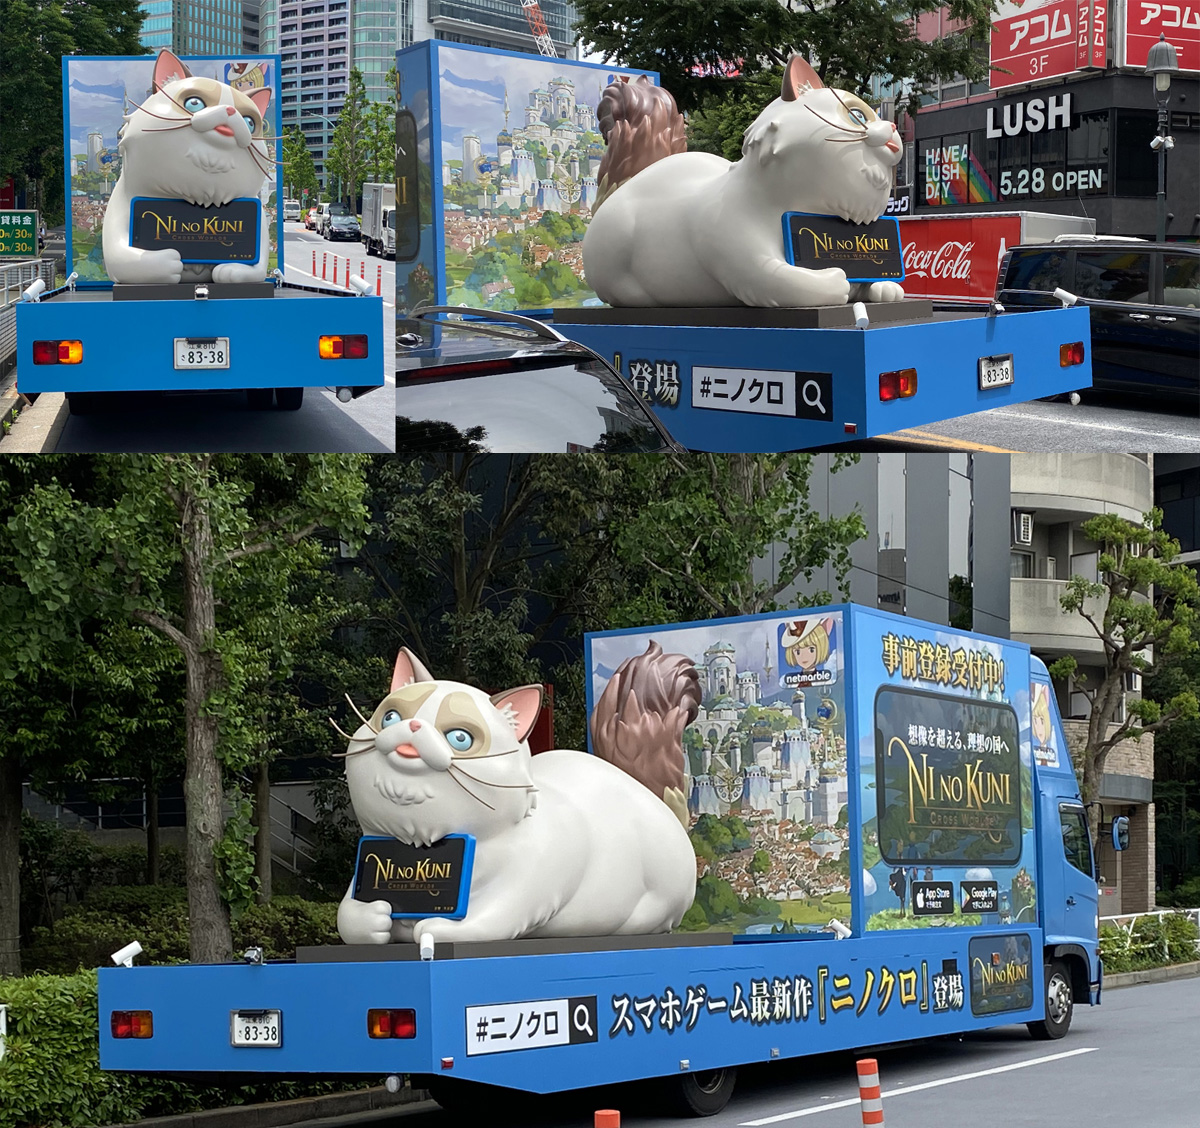 『二ノ国:Cross Worlds』のウダダのアドトラックが都内主要スポットを運行中!